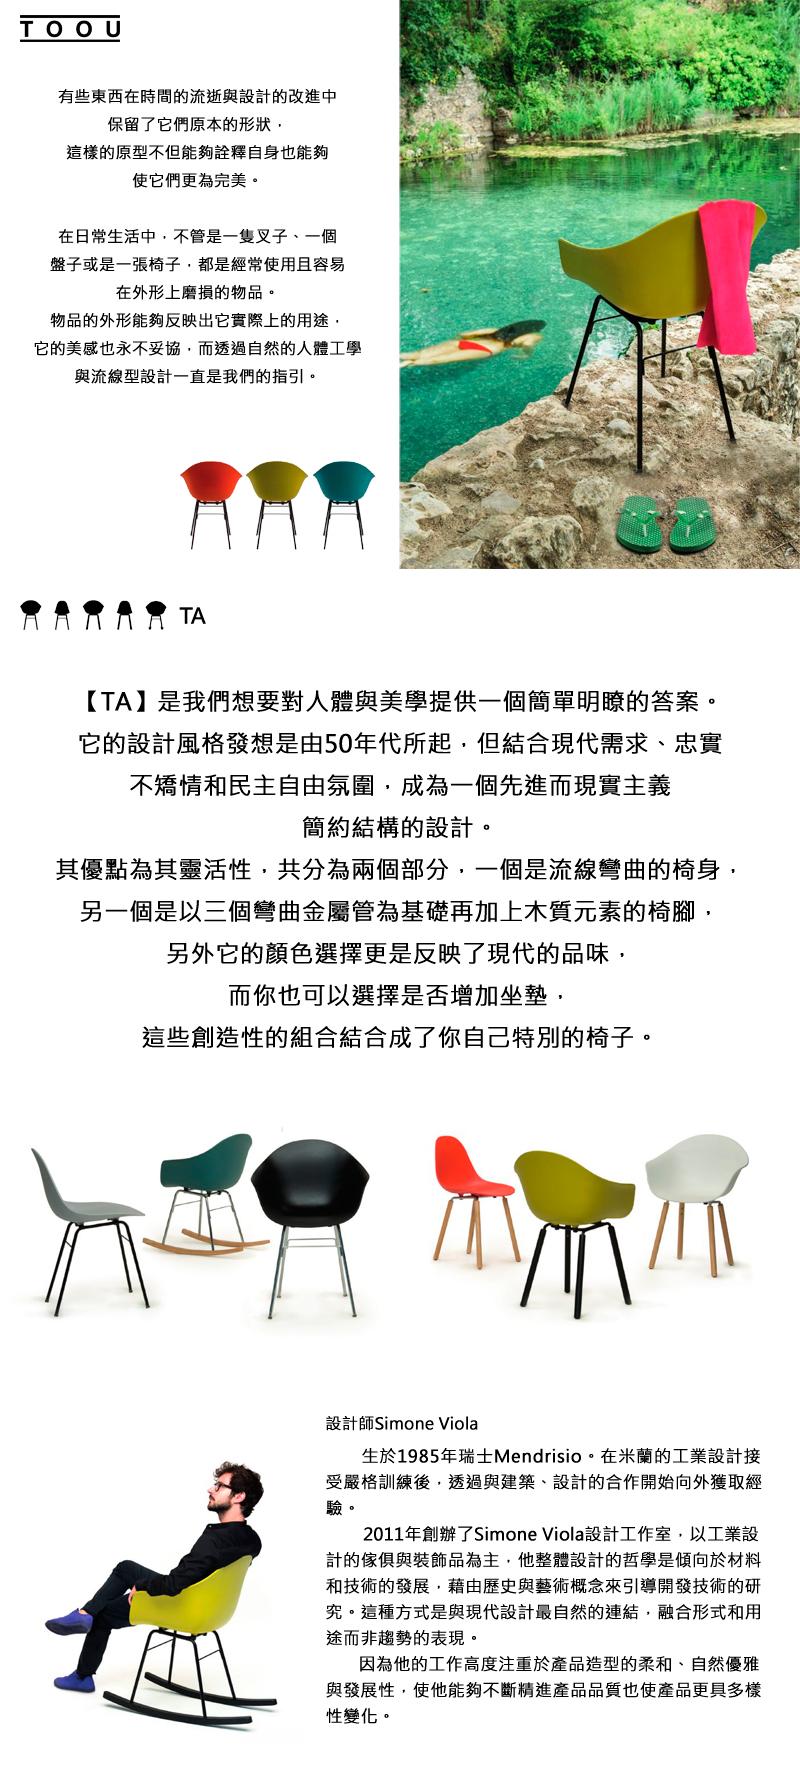 義大利 TOOU 品牌 家具及TA餐椅系列介紹